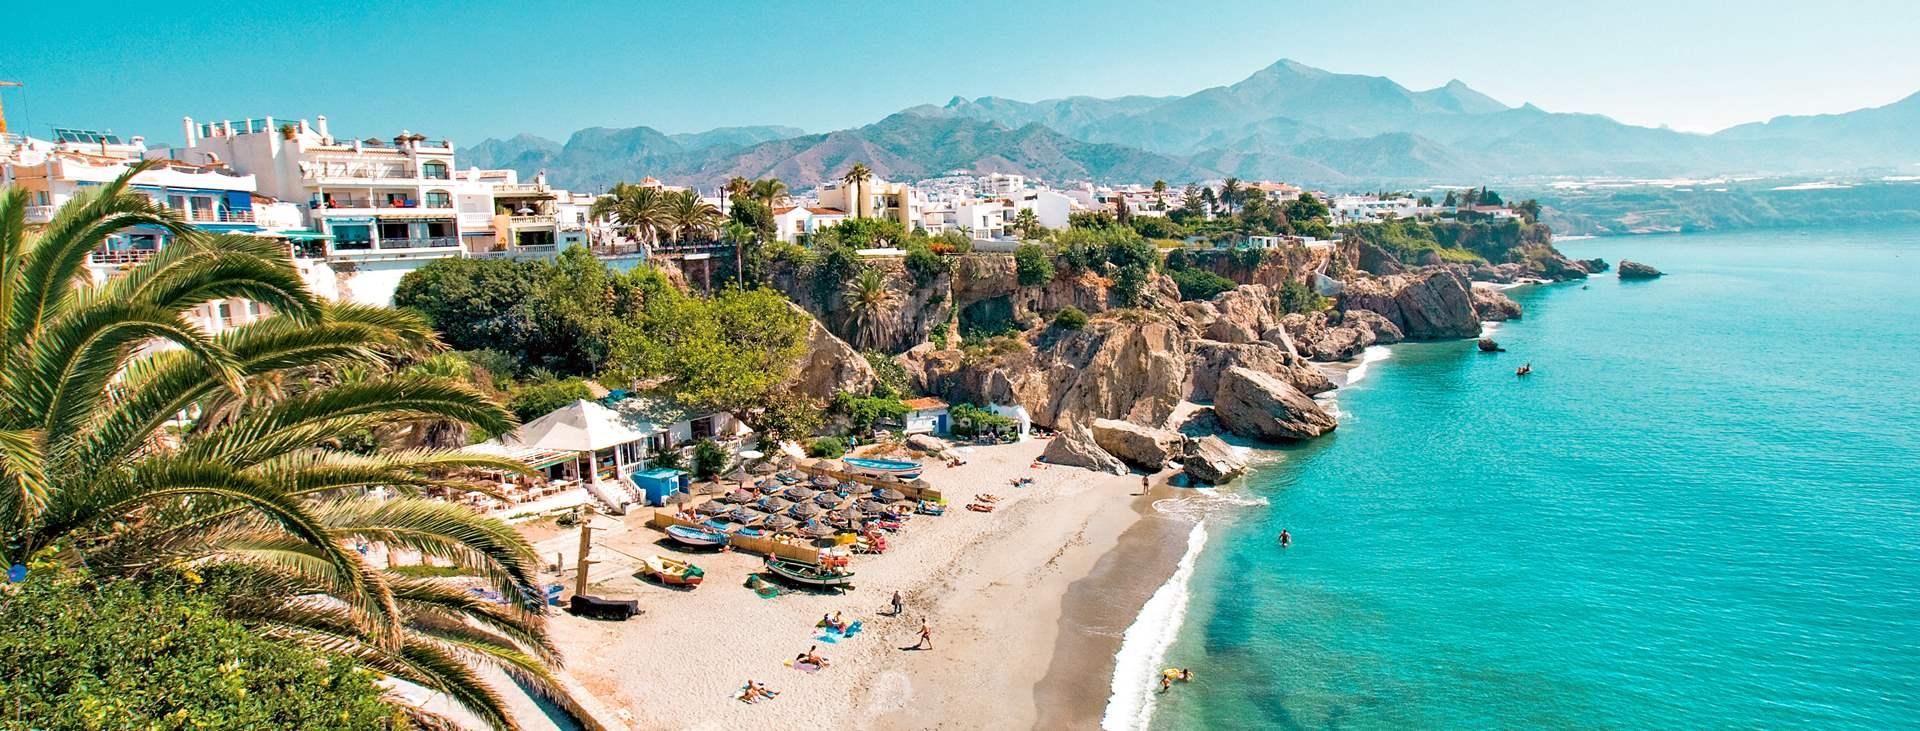 Bestill en reise med Ving til Nerja på Costa del Sol i Spania